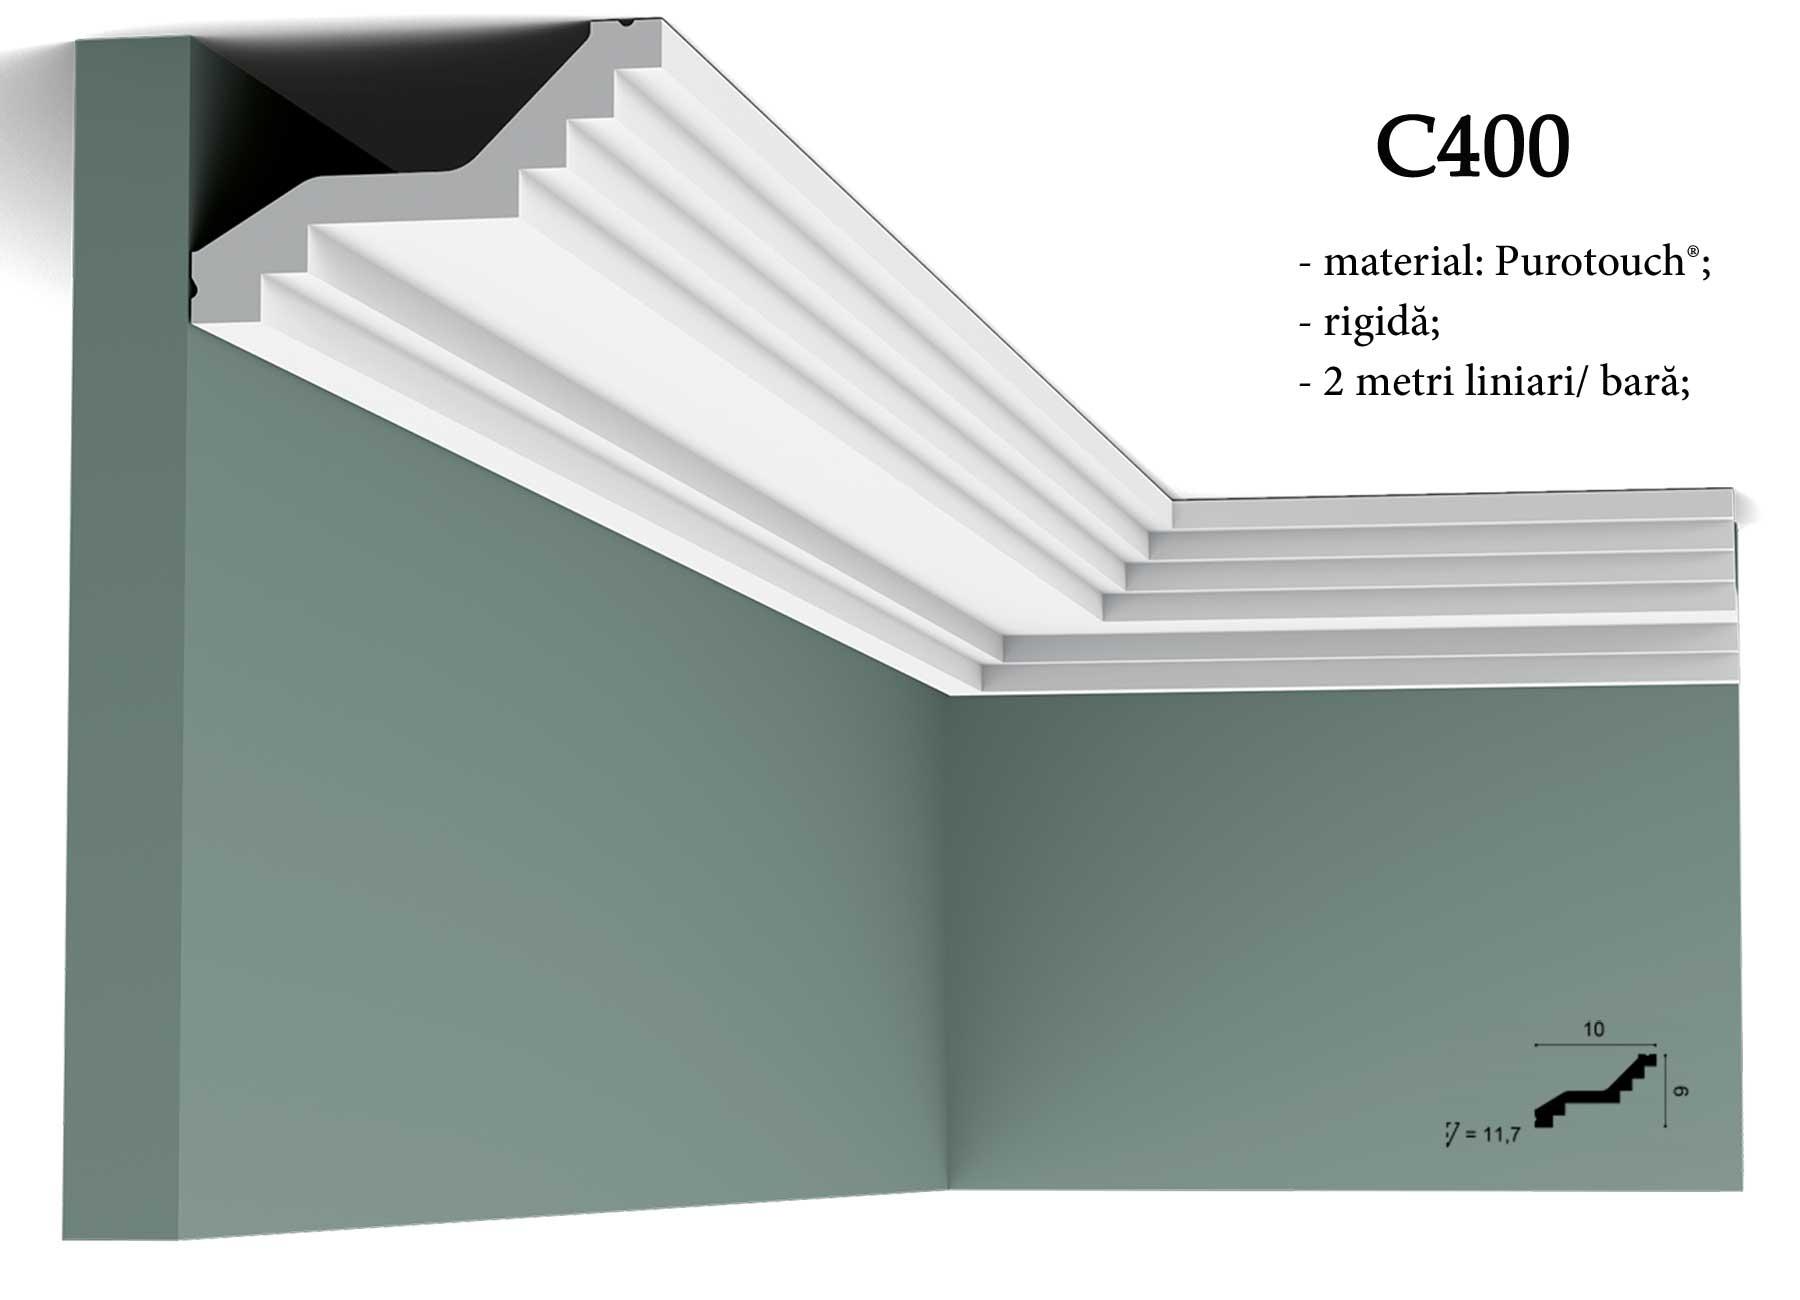 Profil decorativ pentru tavan Orac Decor C400. erminatie tapet.